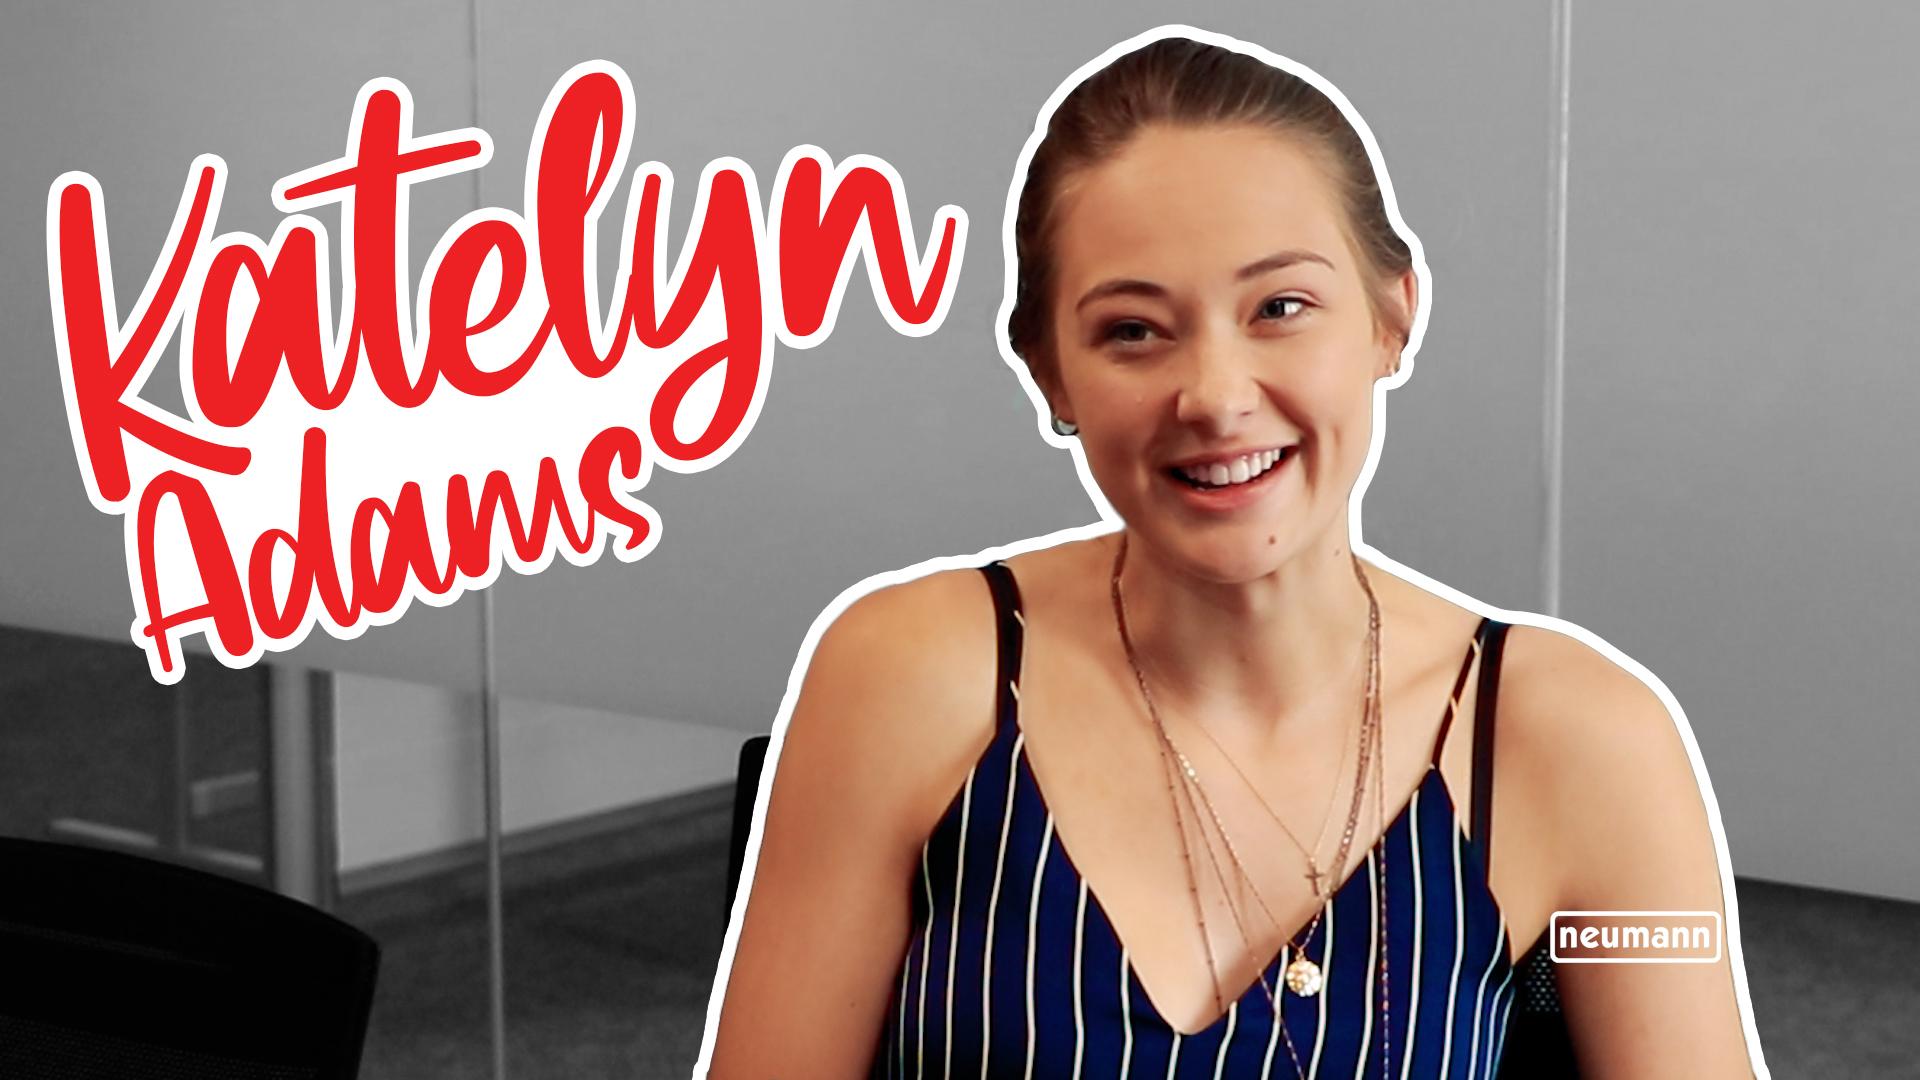 Neumann Intern Recap: Katelyn Adams